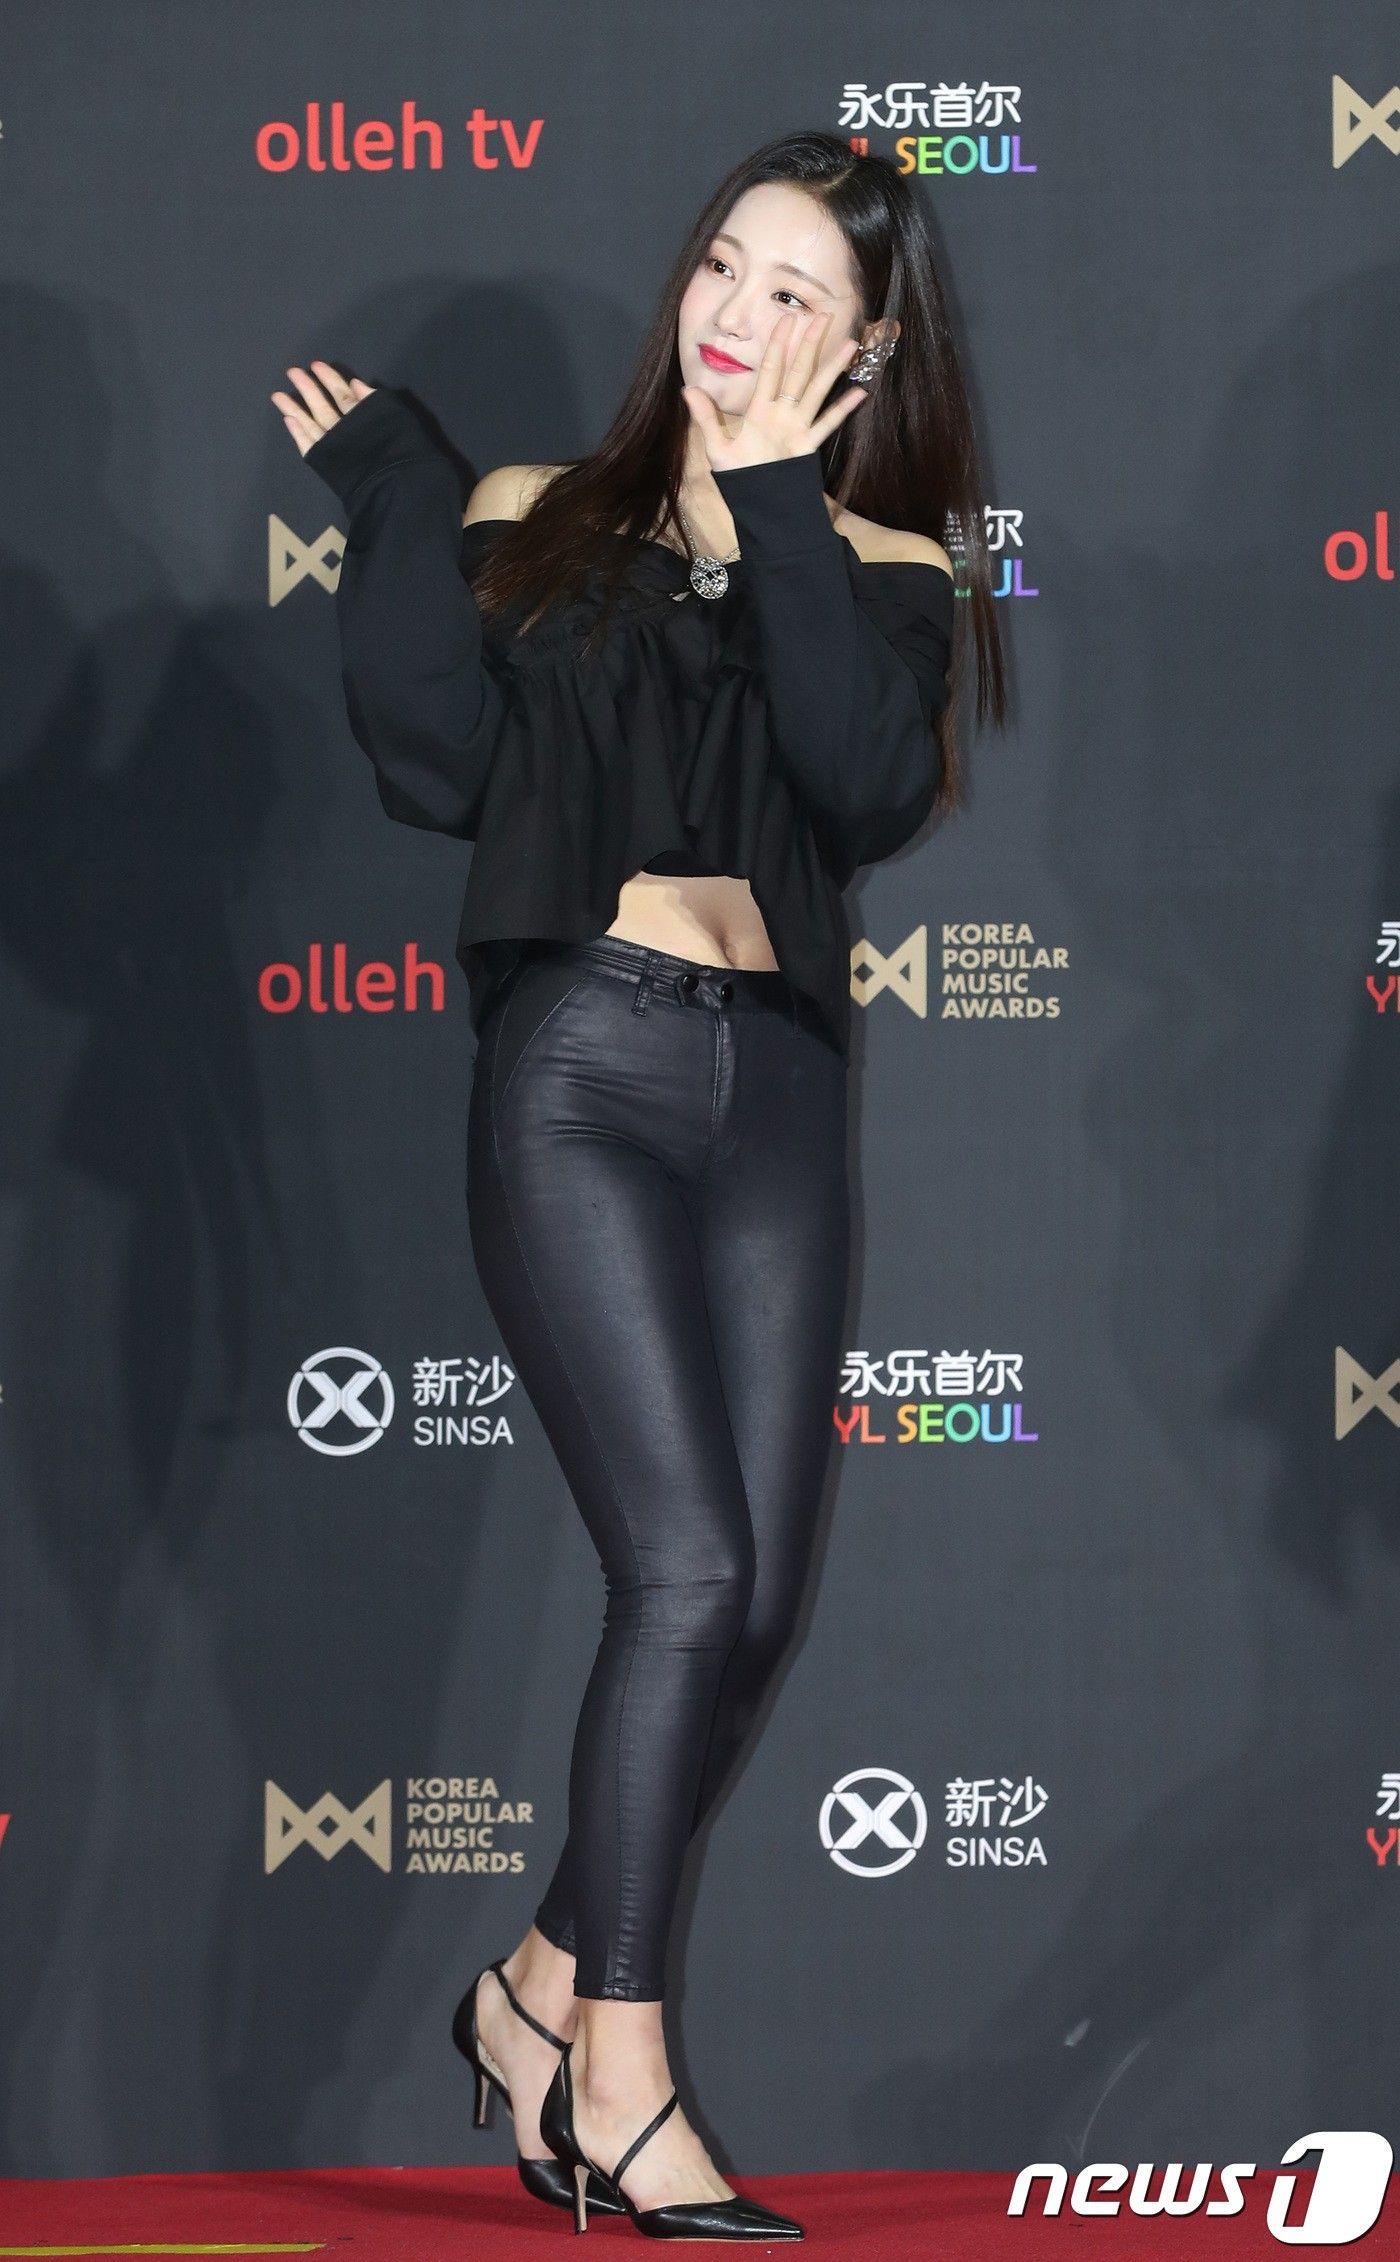 Velvet pants asian girls